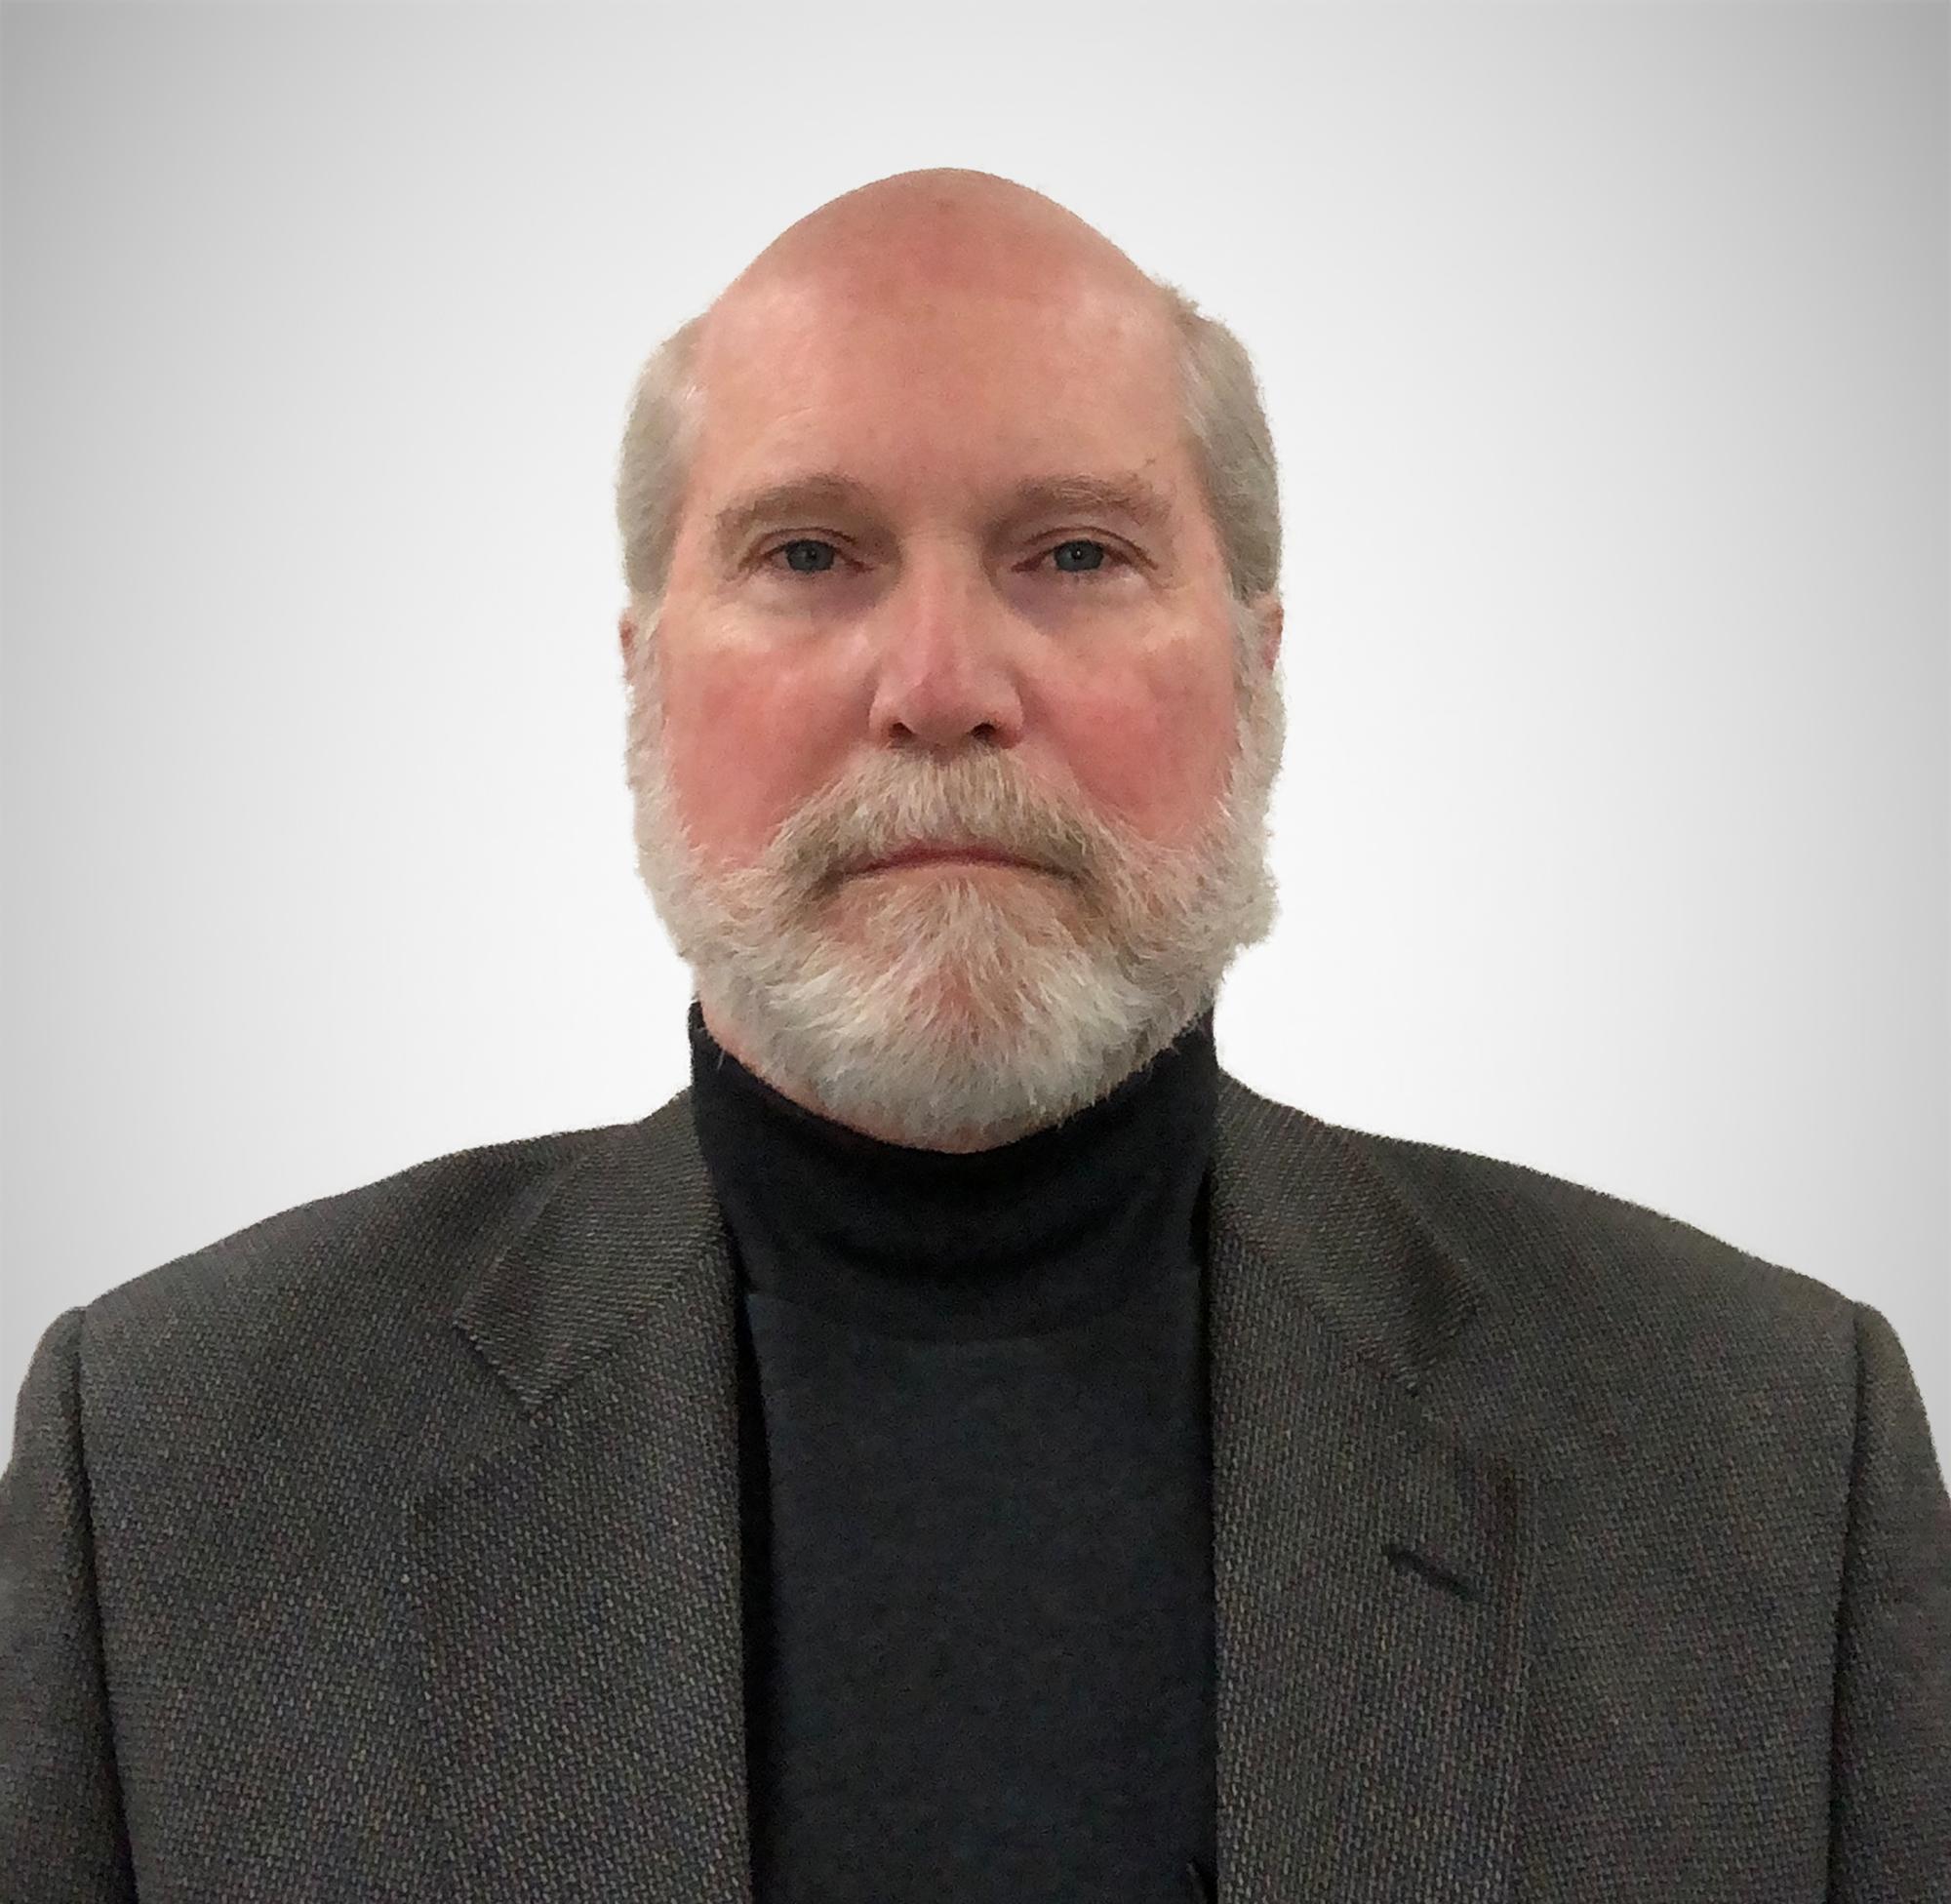 Mark S. Sowatsky, AIA